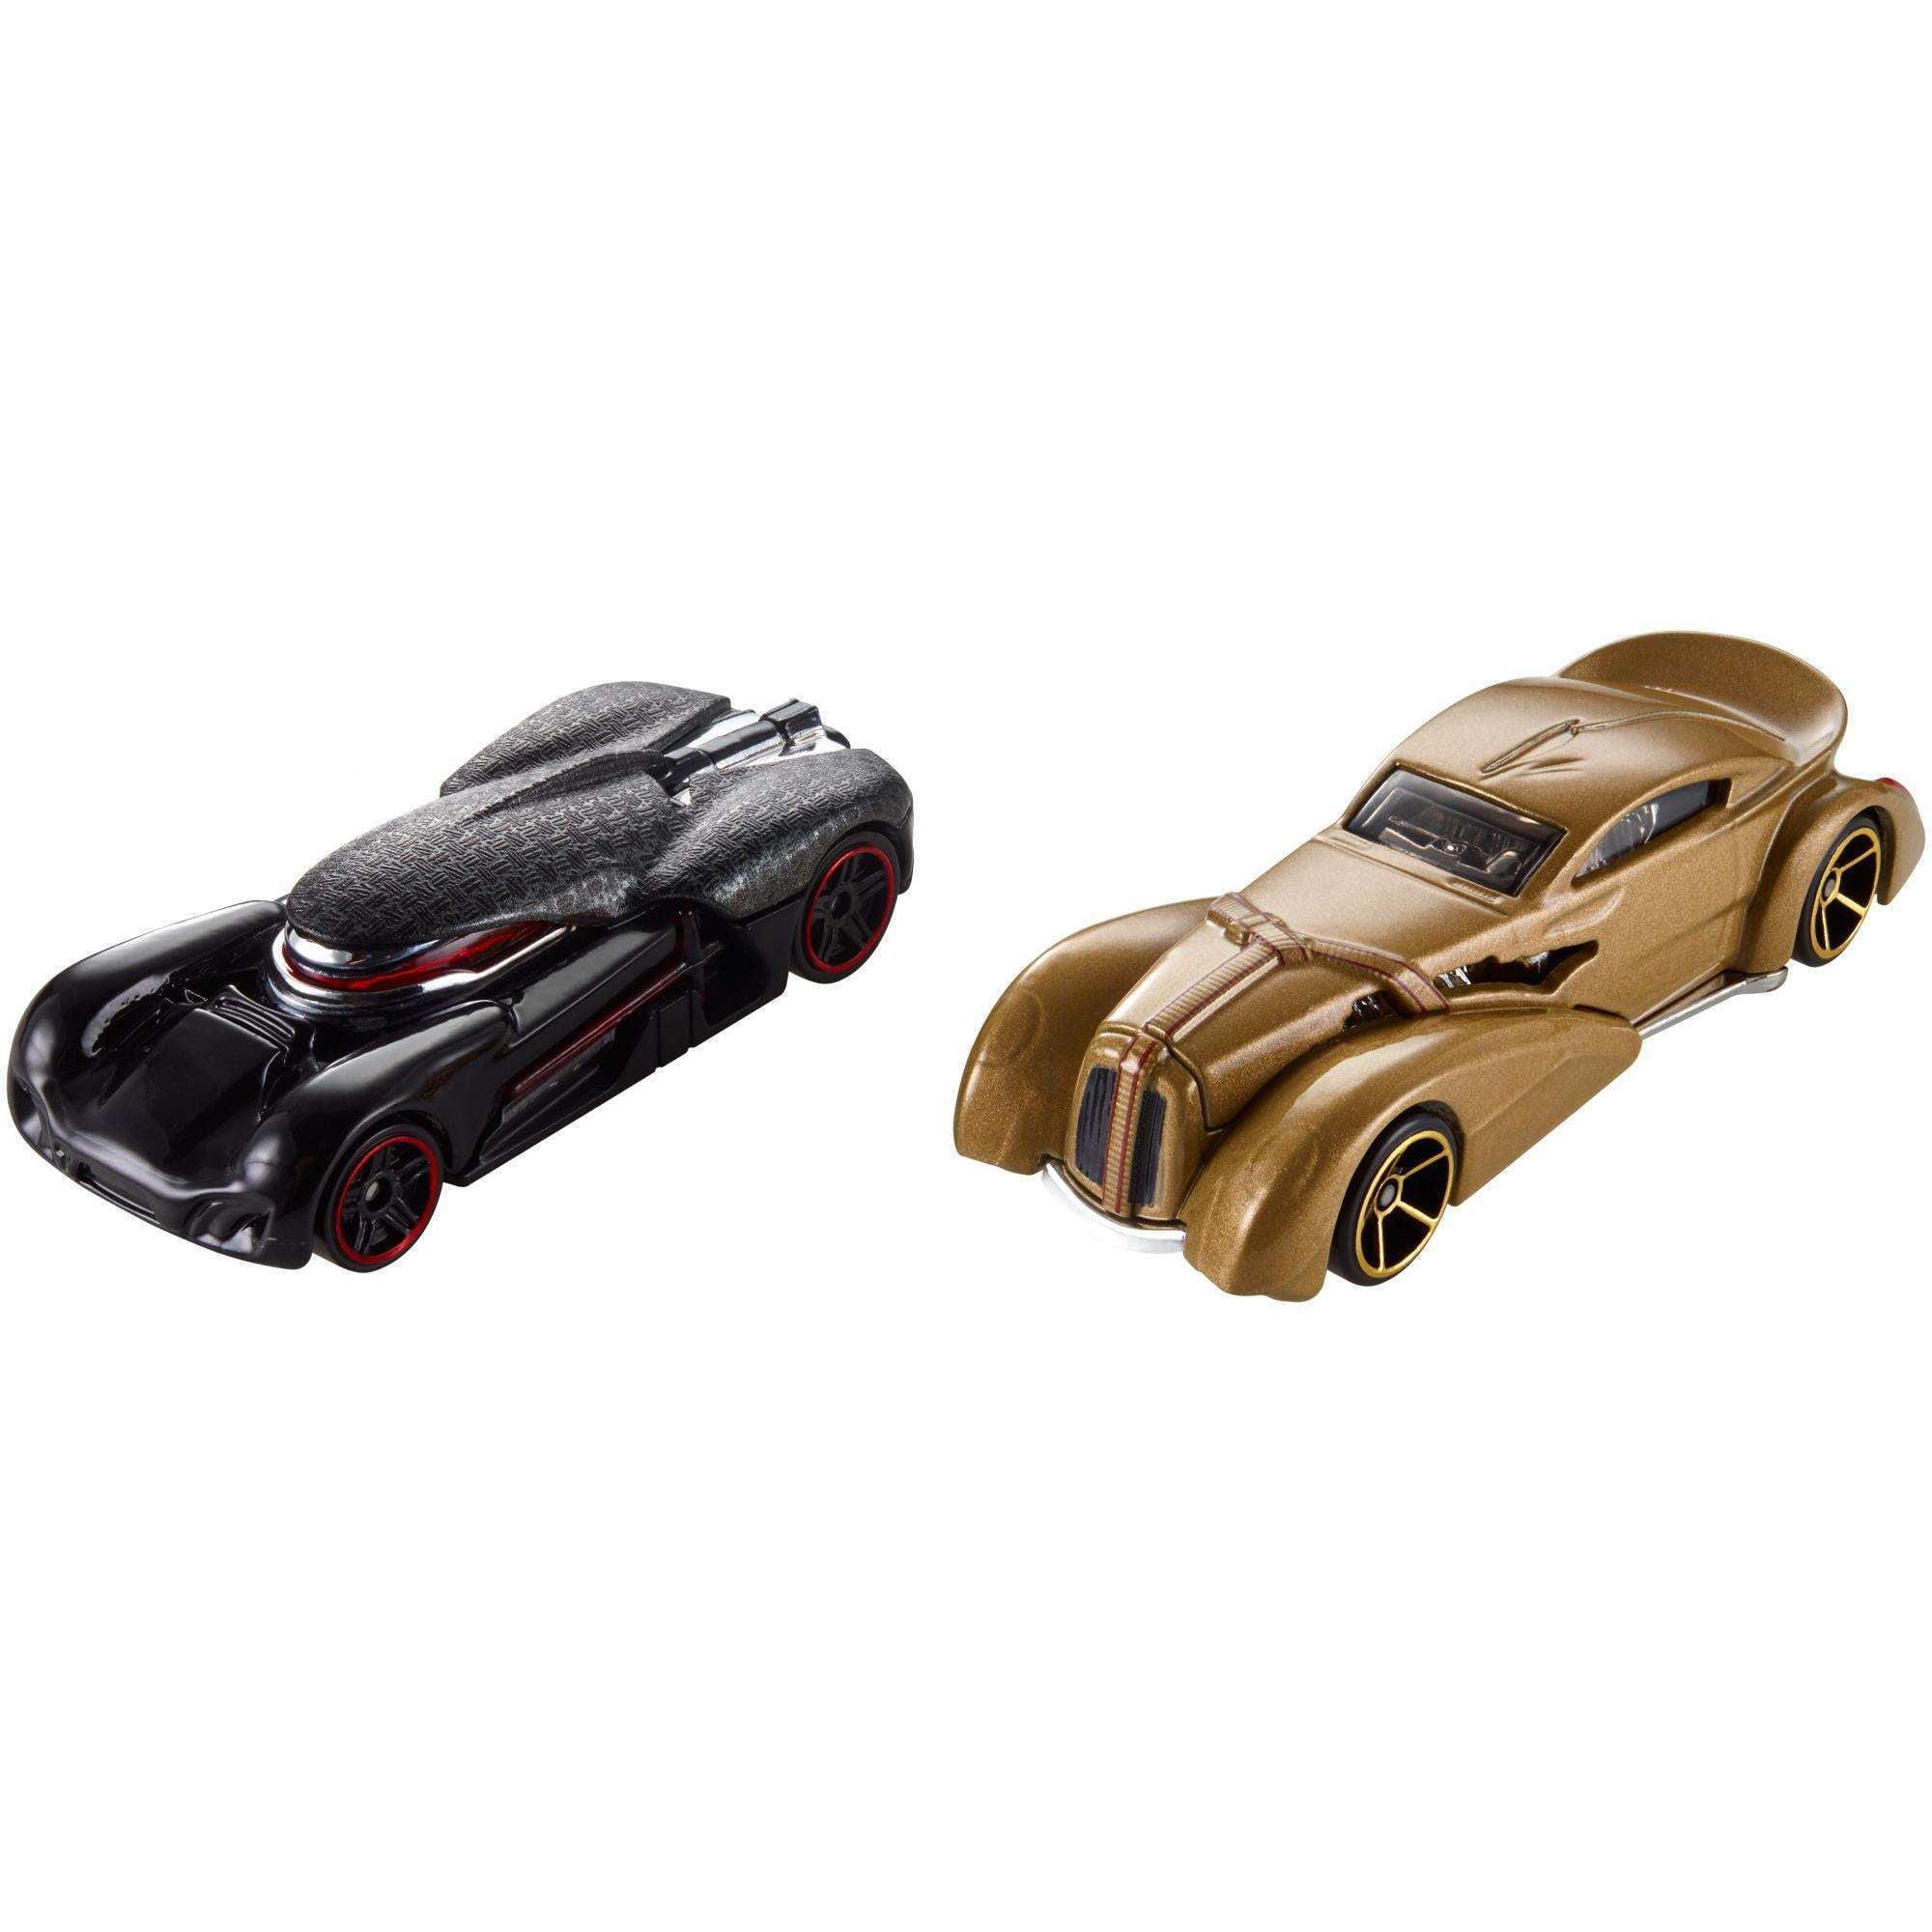 Hot Wheels Star Wars: The Last Jedi Snoke & Kylo Ren, Character Car by Mattel